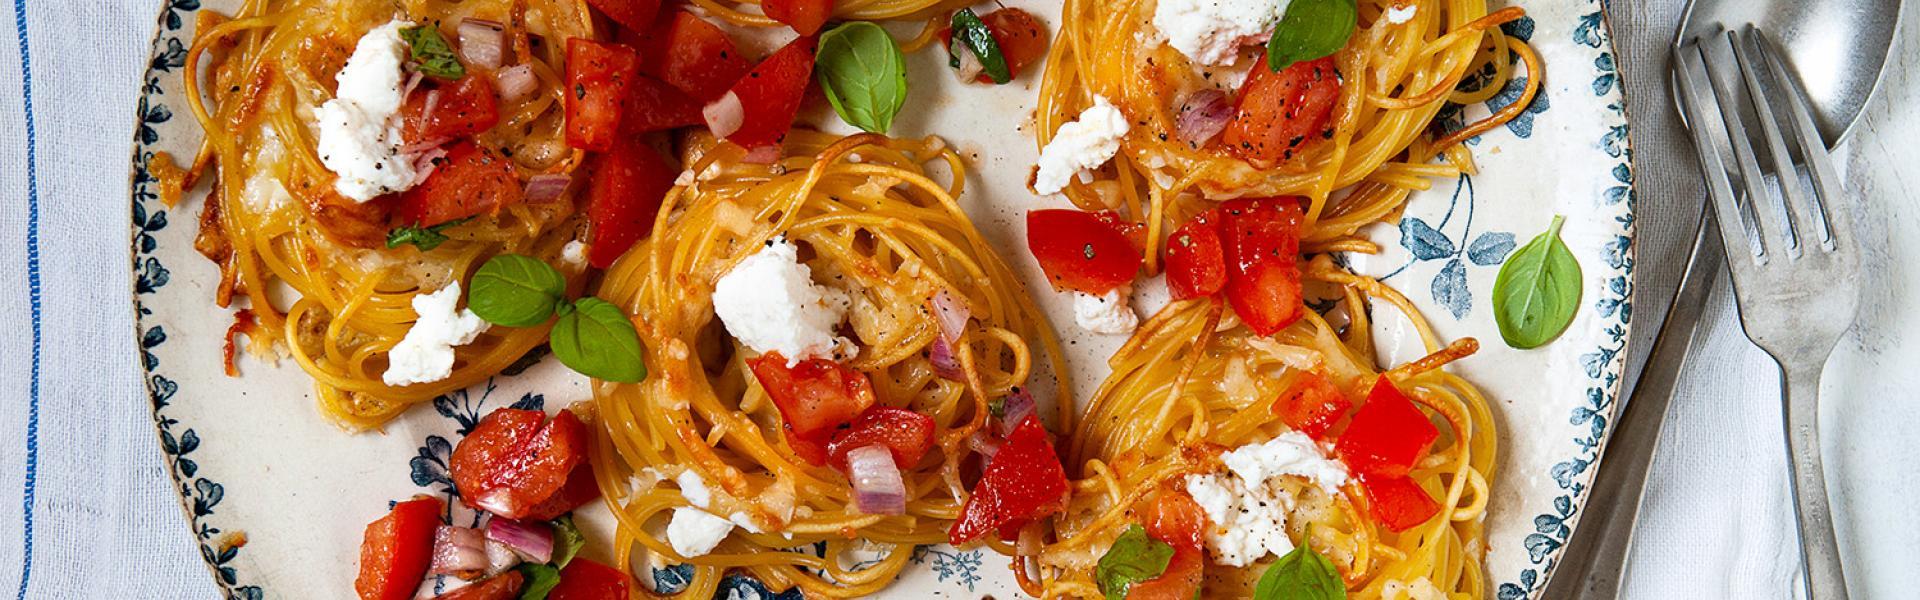 Mehrere Spaghetti Nester auf einem Teller angerichtet.